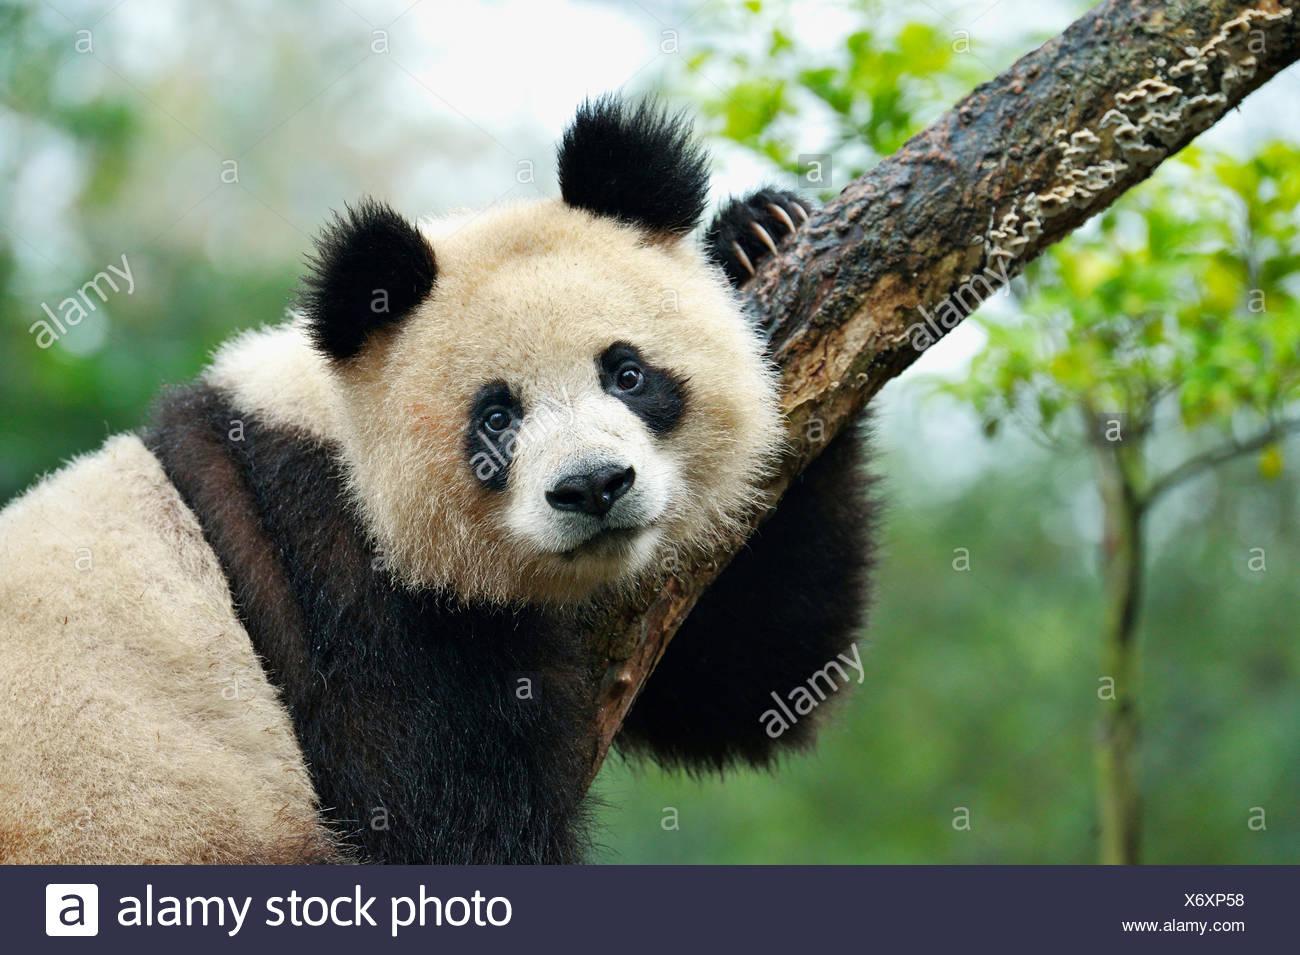 Panda géant (Ailuropoda melanoleuca) perché sur un arbre, captive, Chengdu Research Base de reproduction du Panda Géant ou Chengdu Panda Photo Stock